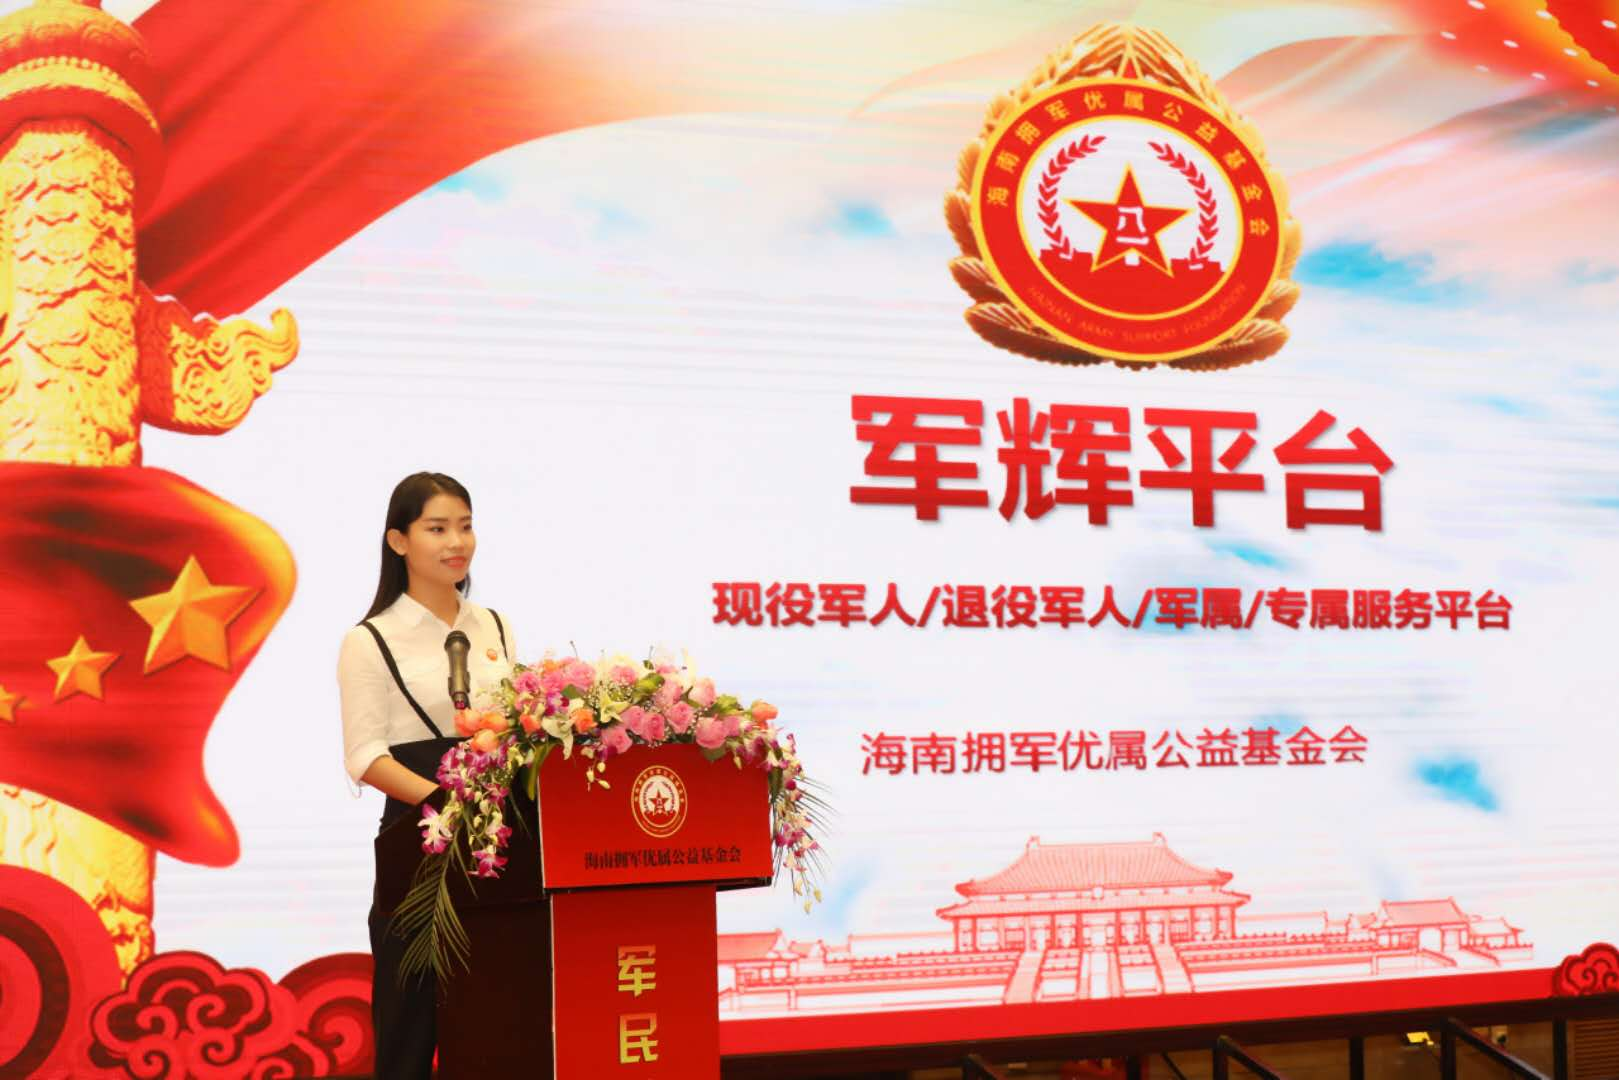 海南拥军优属公益基金会事业发展部主任 茹雪娜 讲解军辉平台